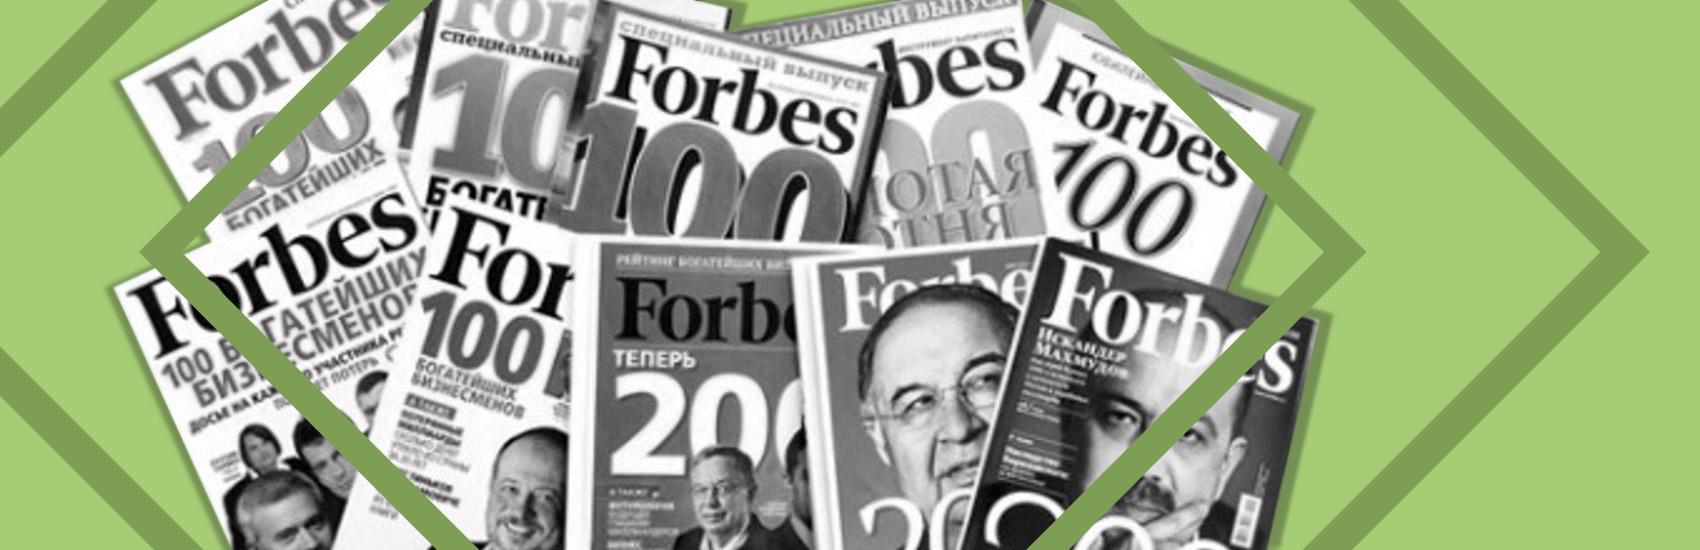 Анализ исследовательских трендов в тематике Инноваций в статьях популярных деловых изданий